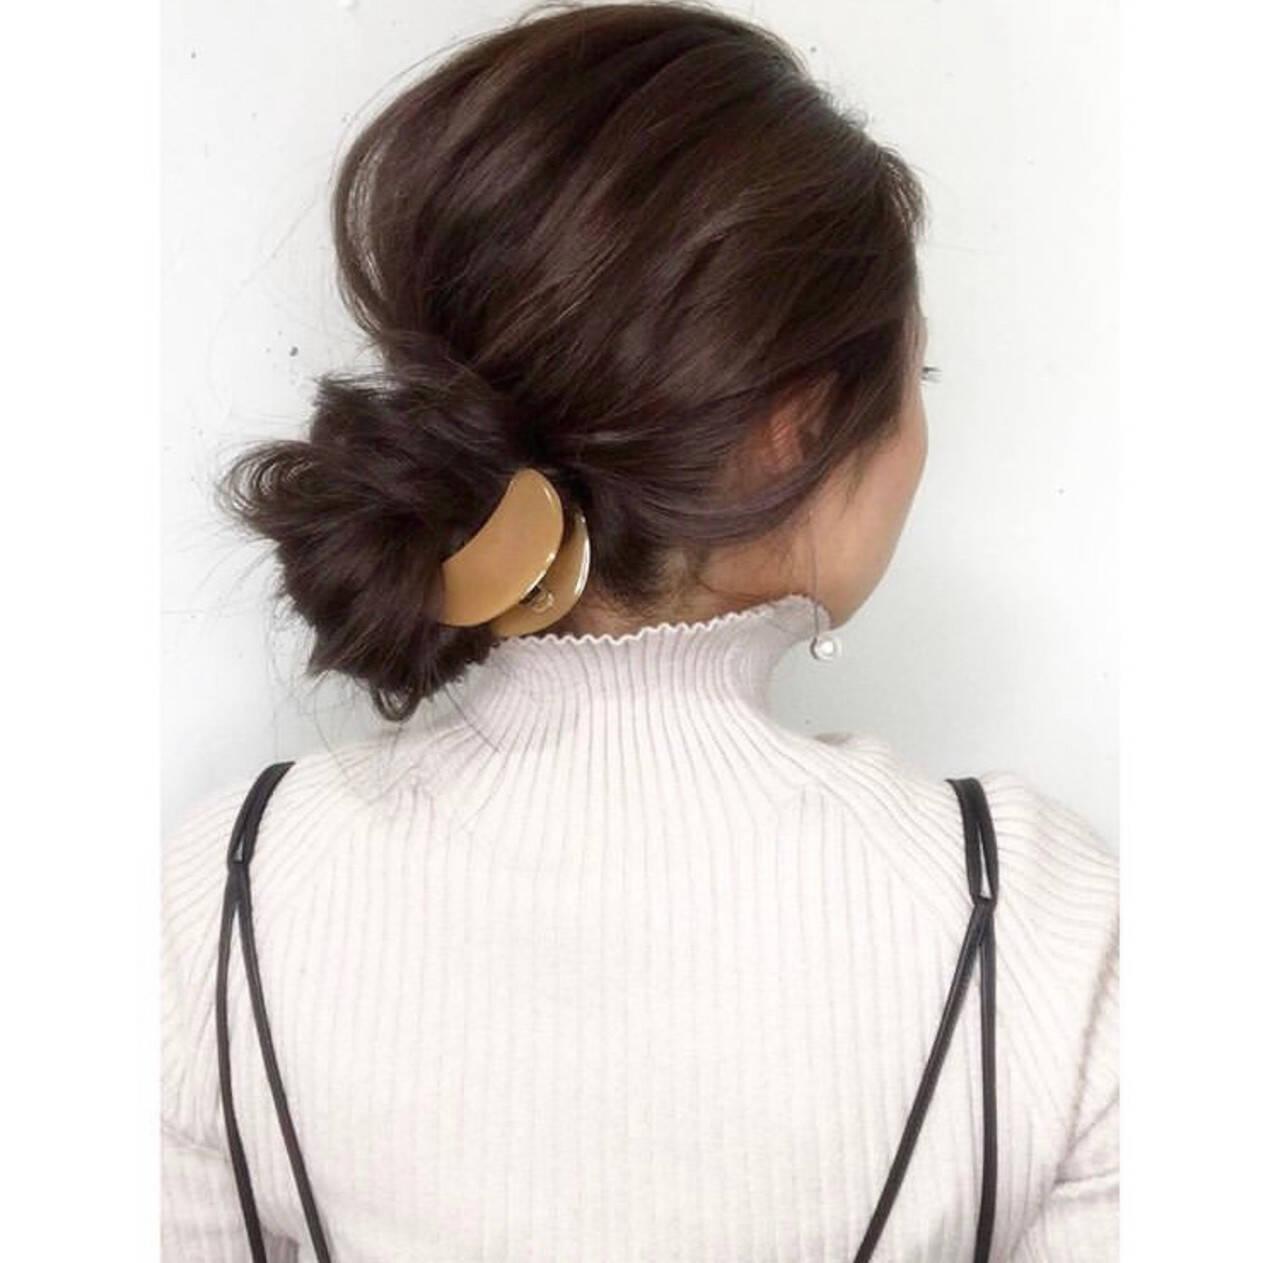 お団子ヘア ヘアアレンジ お団子 簡単ヘアアレンジヘアスタイルや髪型の写真・画像